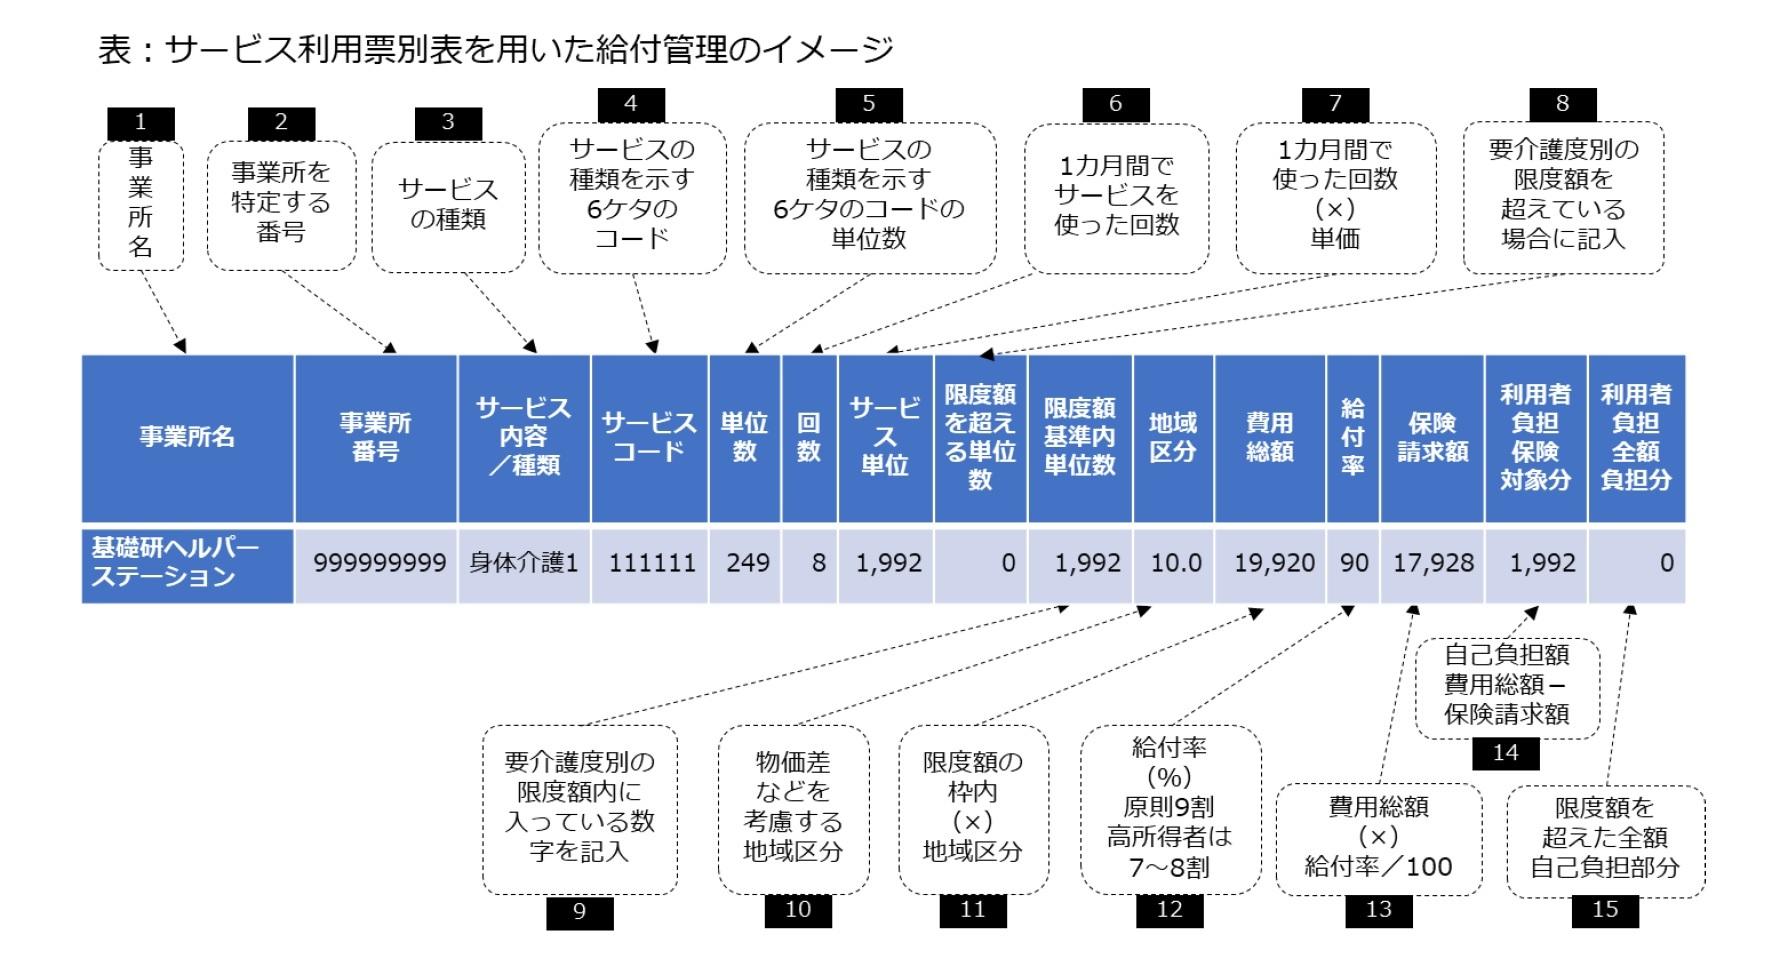 表:サービス利用票別表を用いた給付管理のイメージ